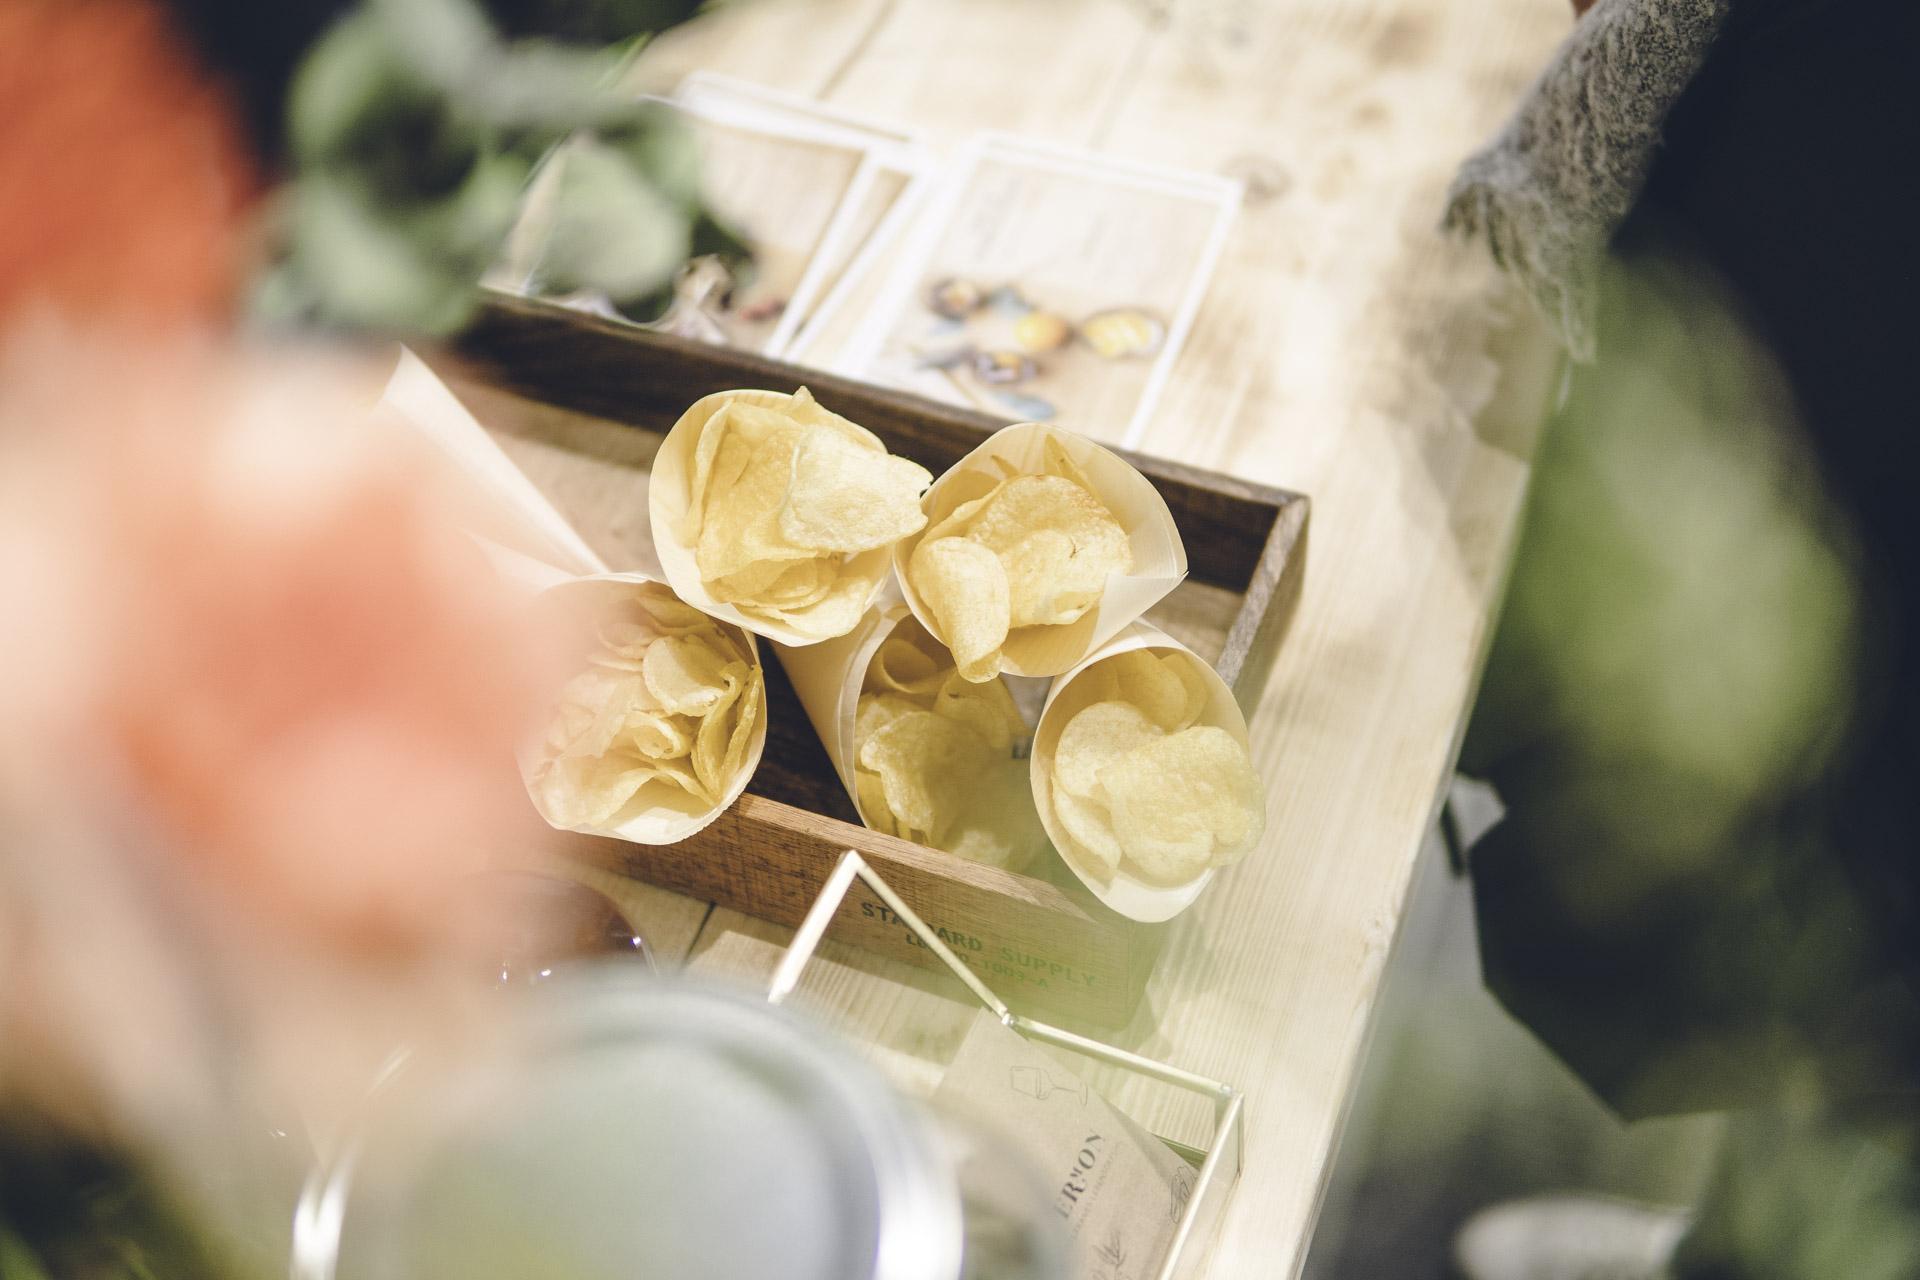 Food Fotografie spanischer Chip Tüten im Münchener Pop Up Store